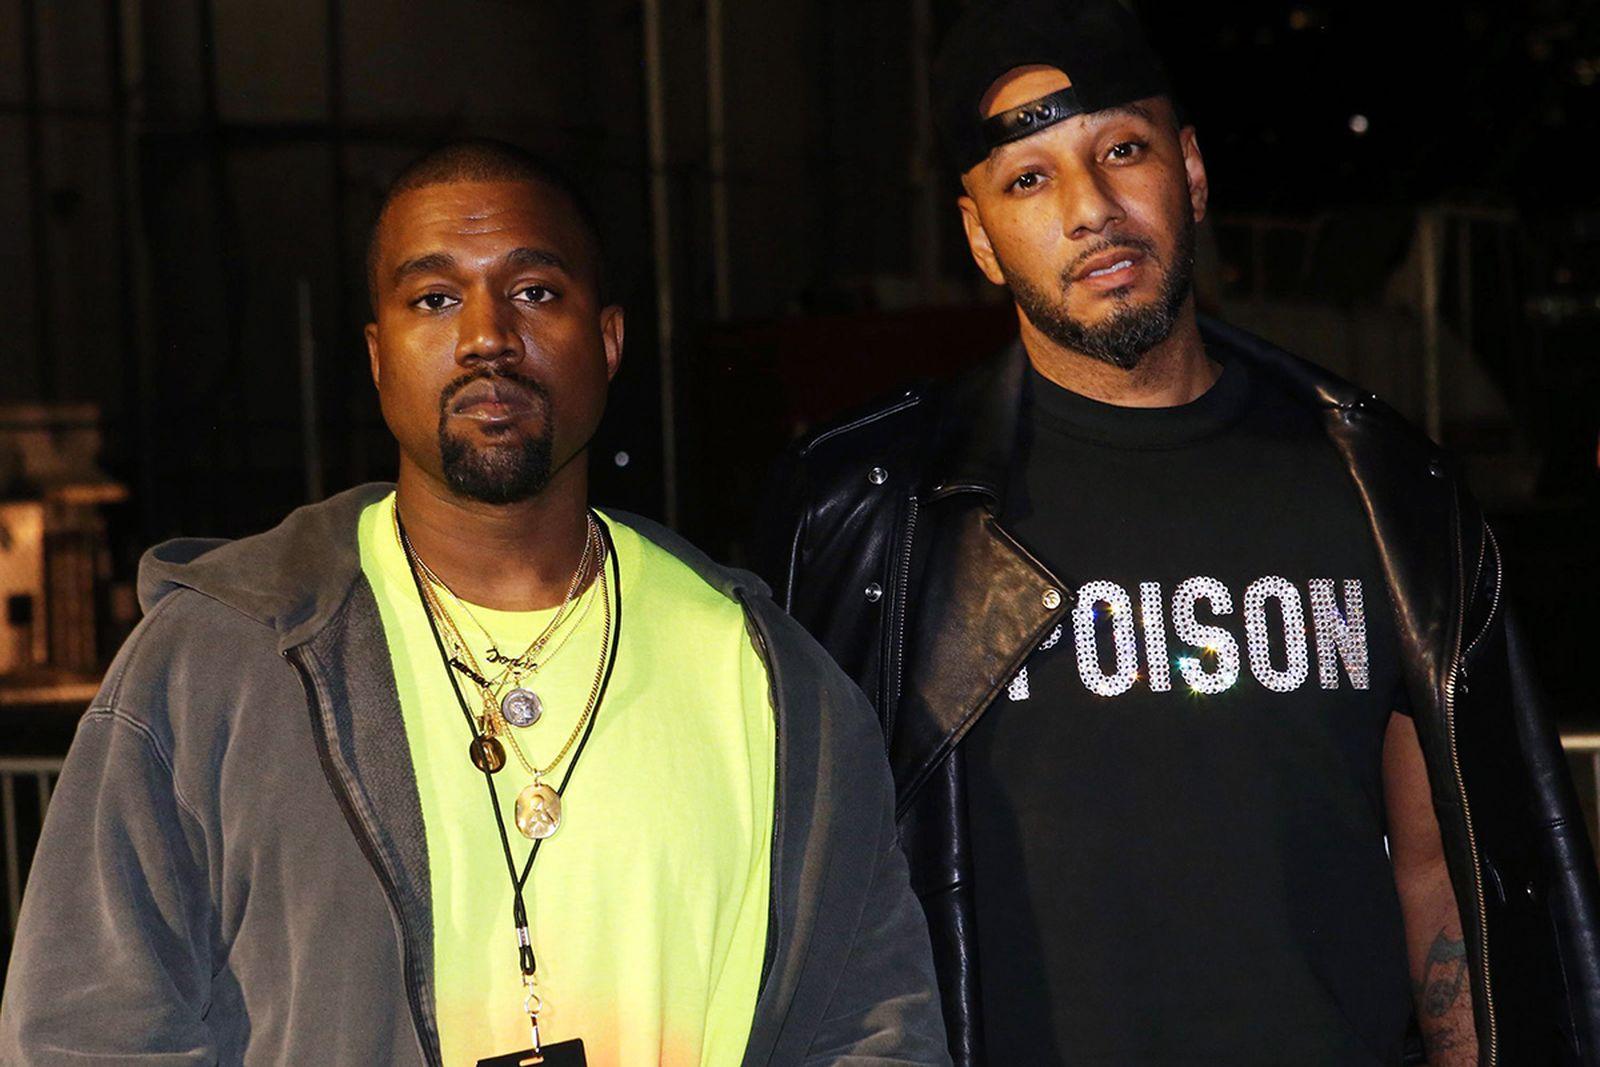 Kanye West and swizz beatz